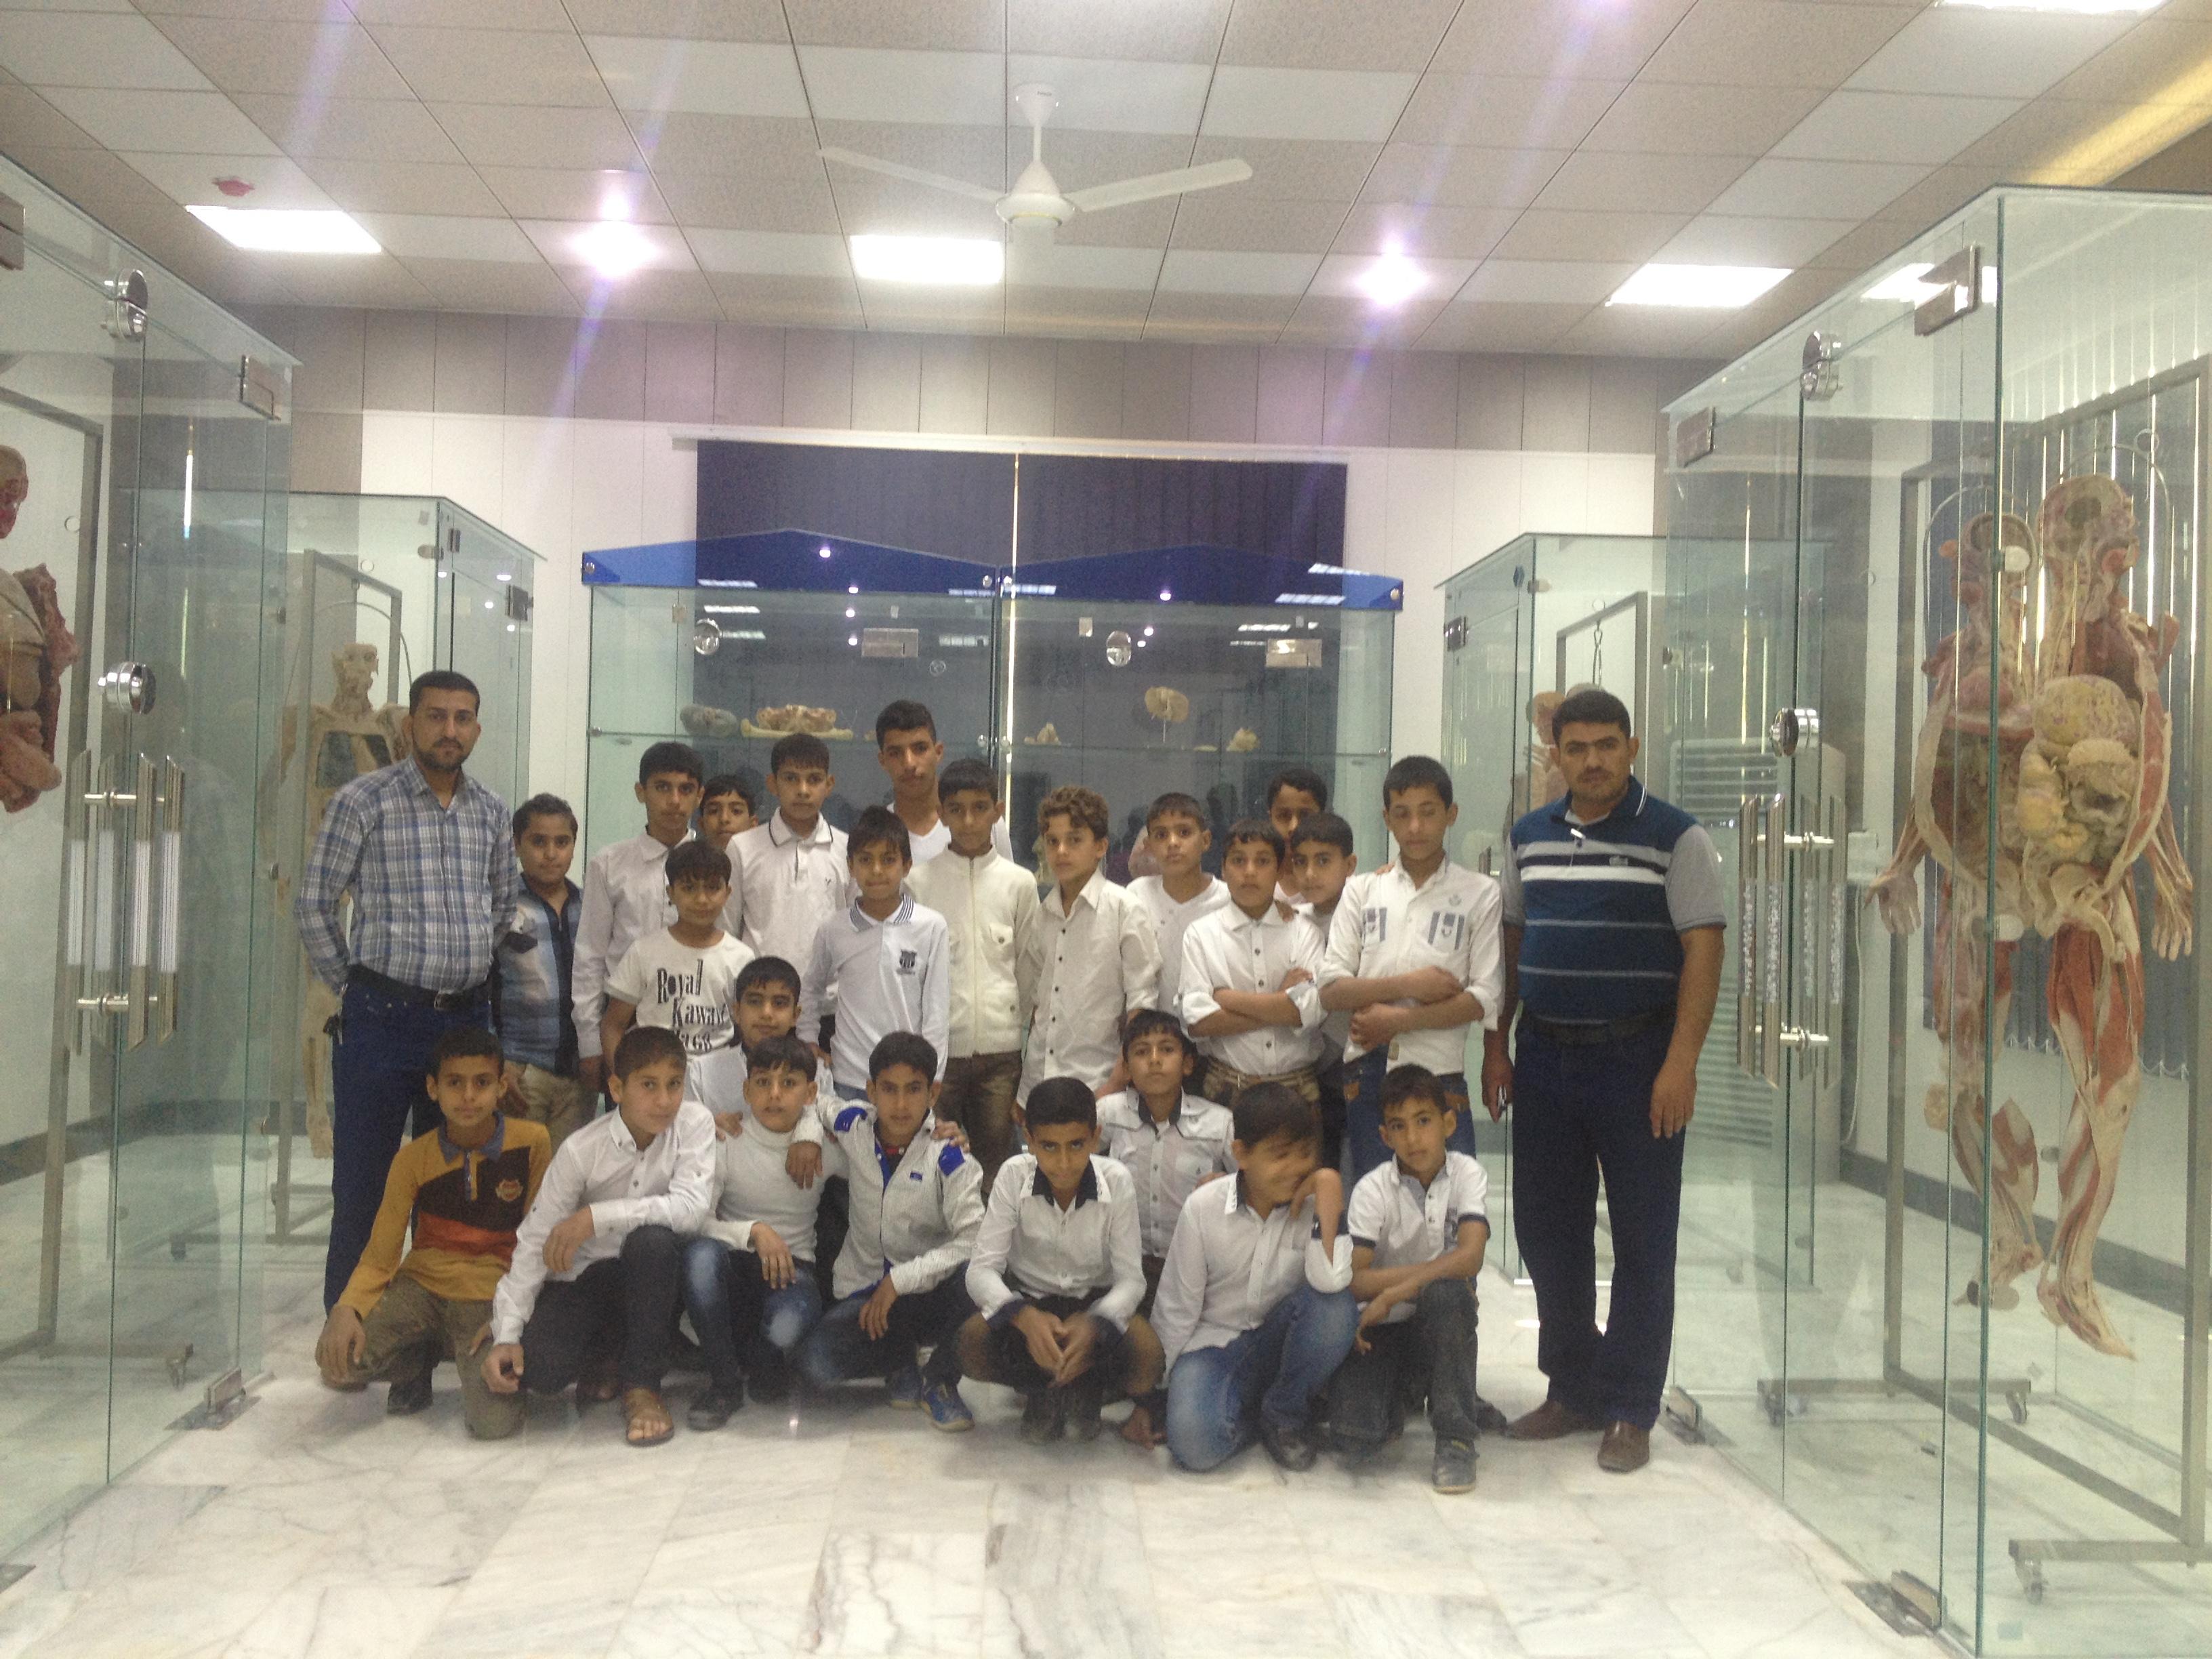 زيارة مدرسة سبأ الابتدائية لكلية الطب